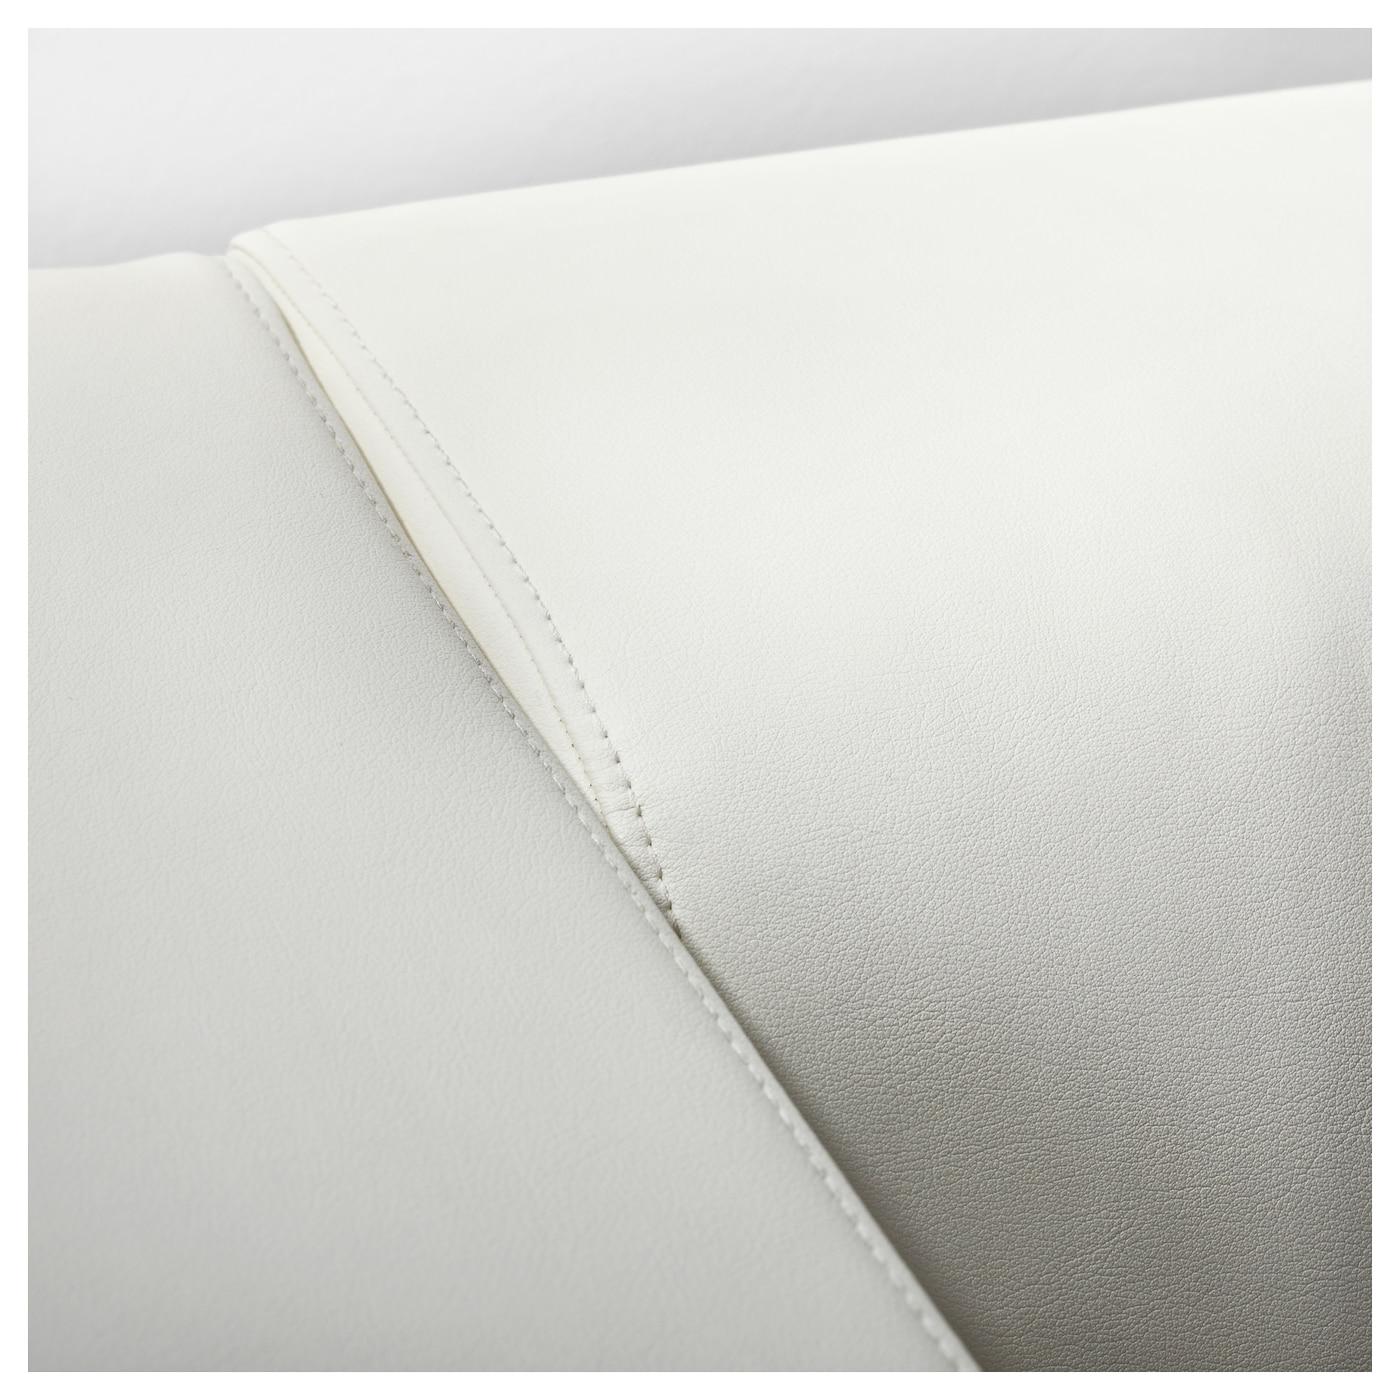 Klippan two seat sofa kimstad white ikea for Ikea klippan